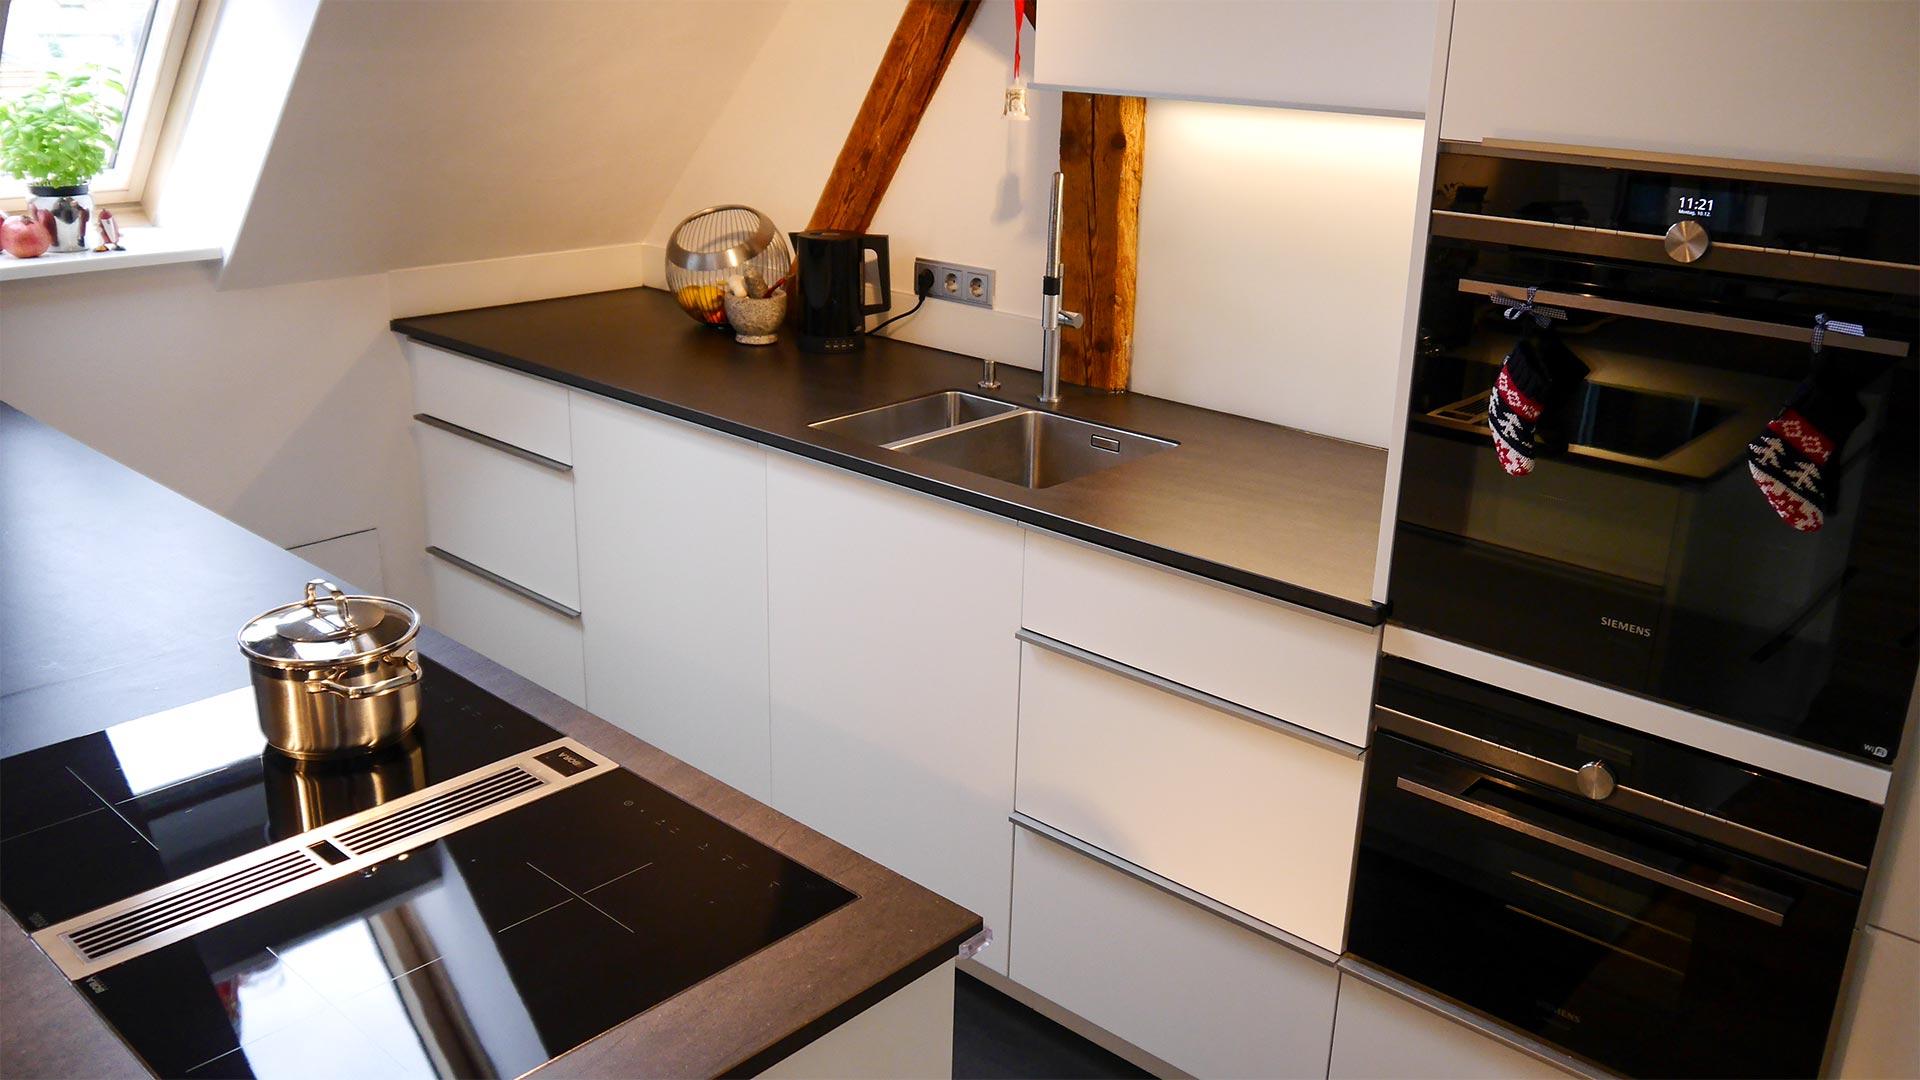 Die Küchenzeilen sind so angeordnet, dass das Licht ungehindert durchs Dachfenster einfallen kann.